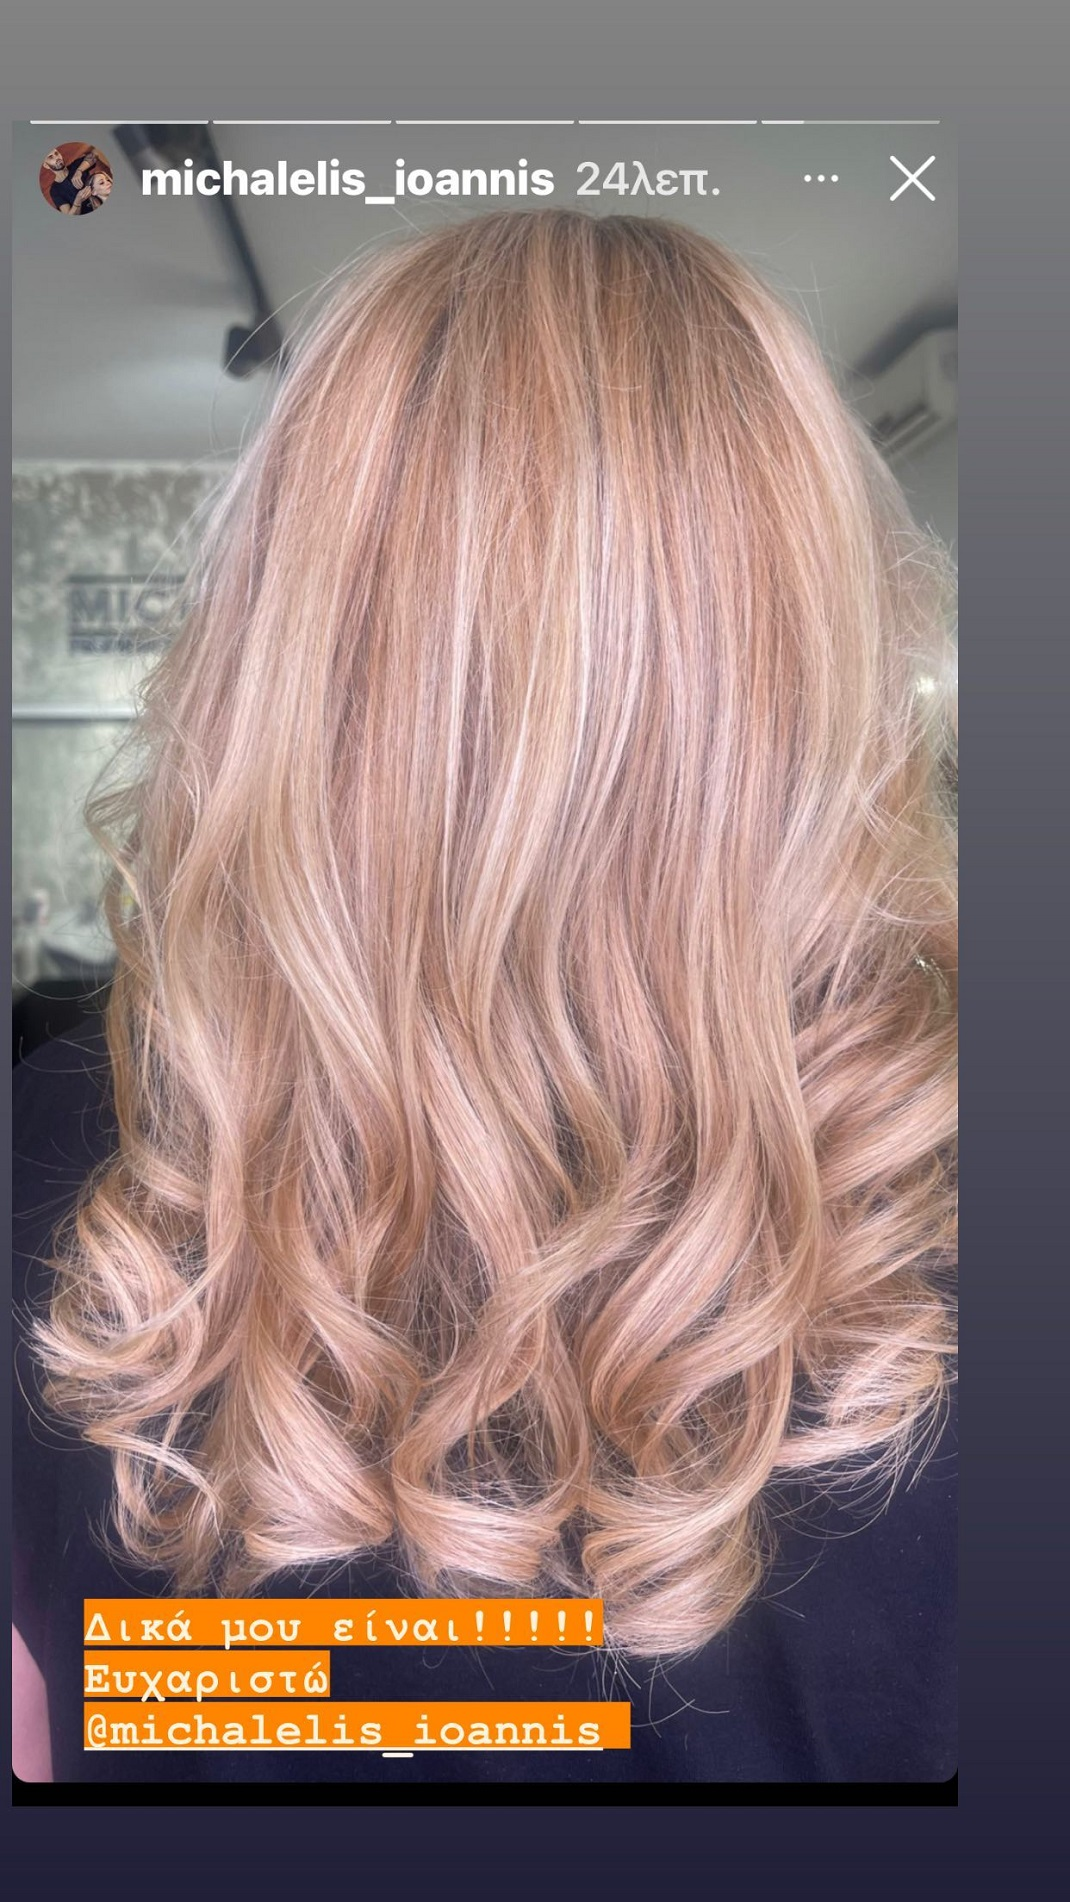 Η Μαριάννα Τουμασάτου έβαψε τα μαλλιά της στην απόχρωση-τάση του φετινού φθινοπώρου! (εικόνα)